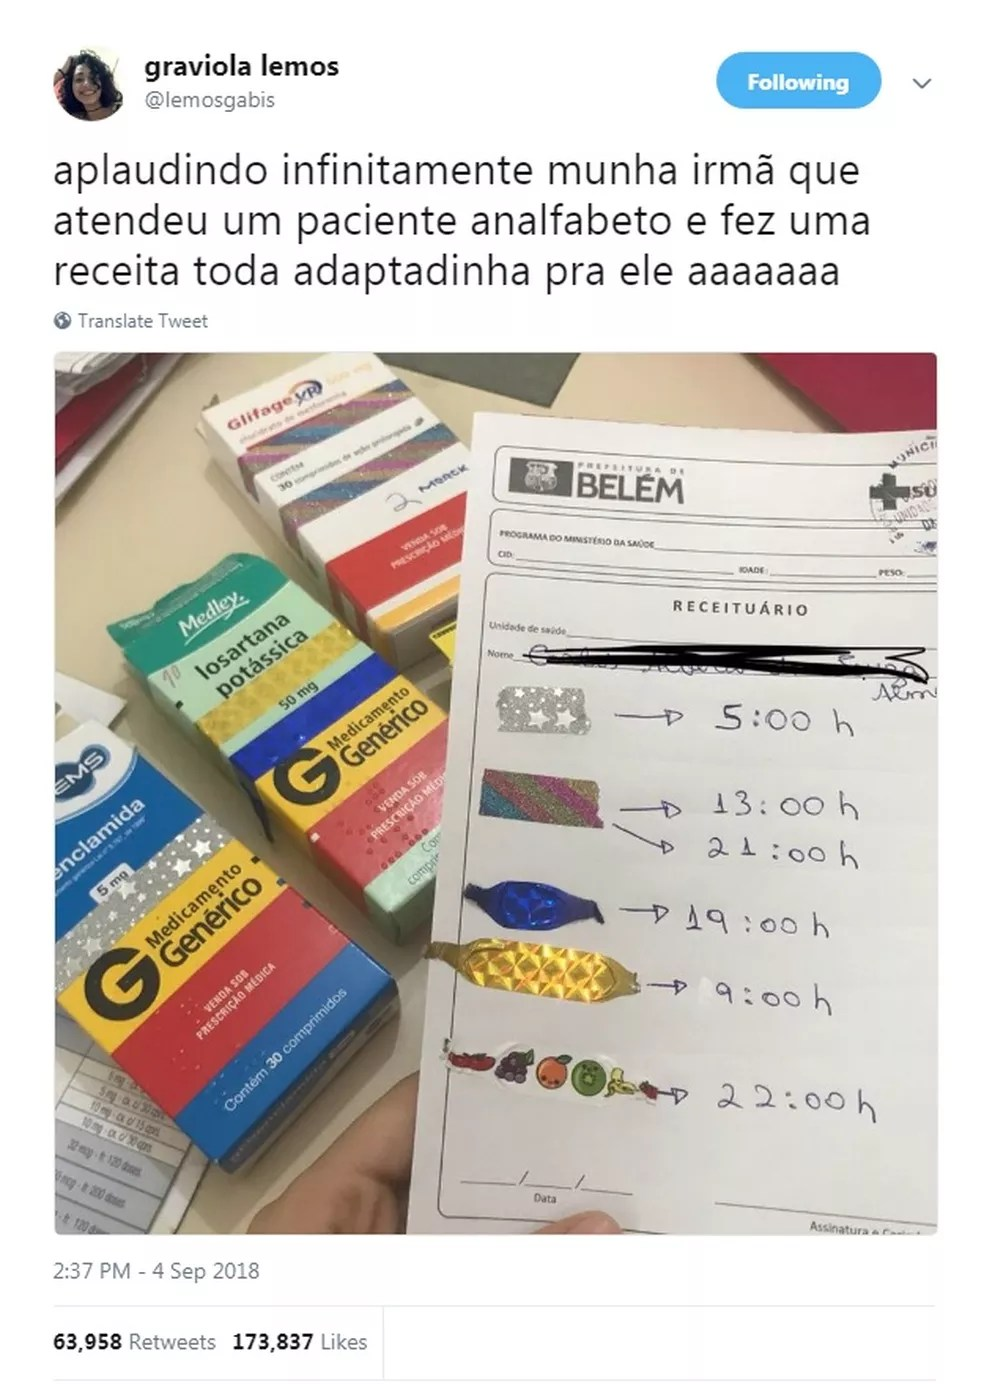 Post da irmã, Gabriela, teve mais de 170 mil curtidas nas redes sociais. (Foto: Reprodução / Twitter)